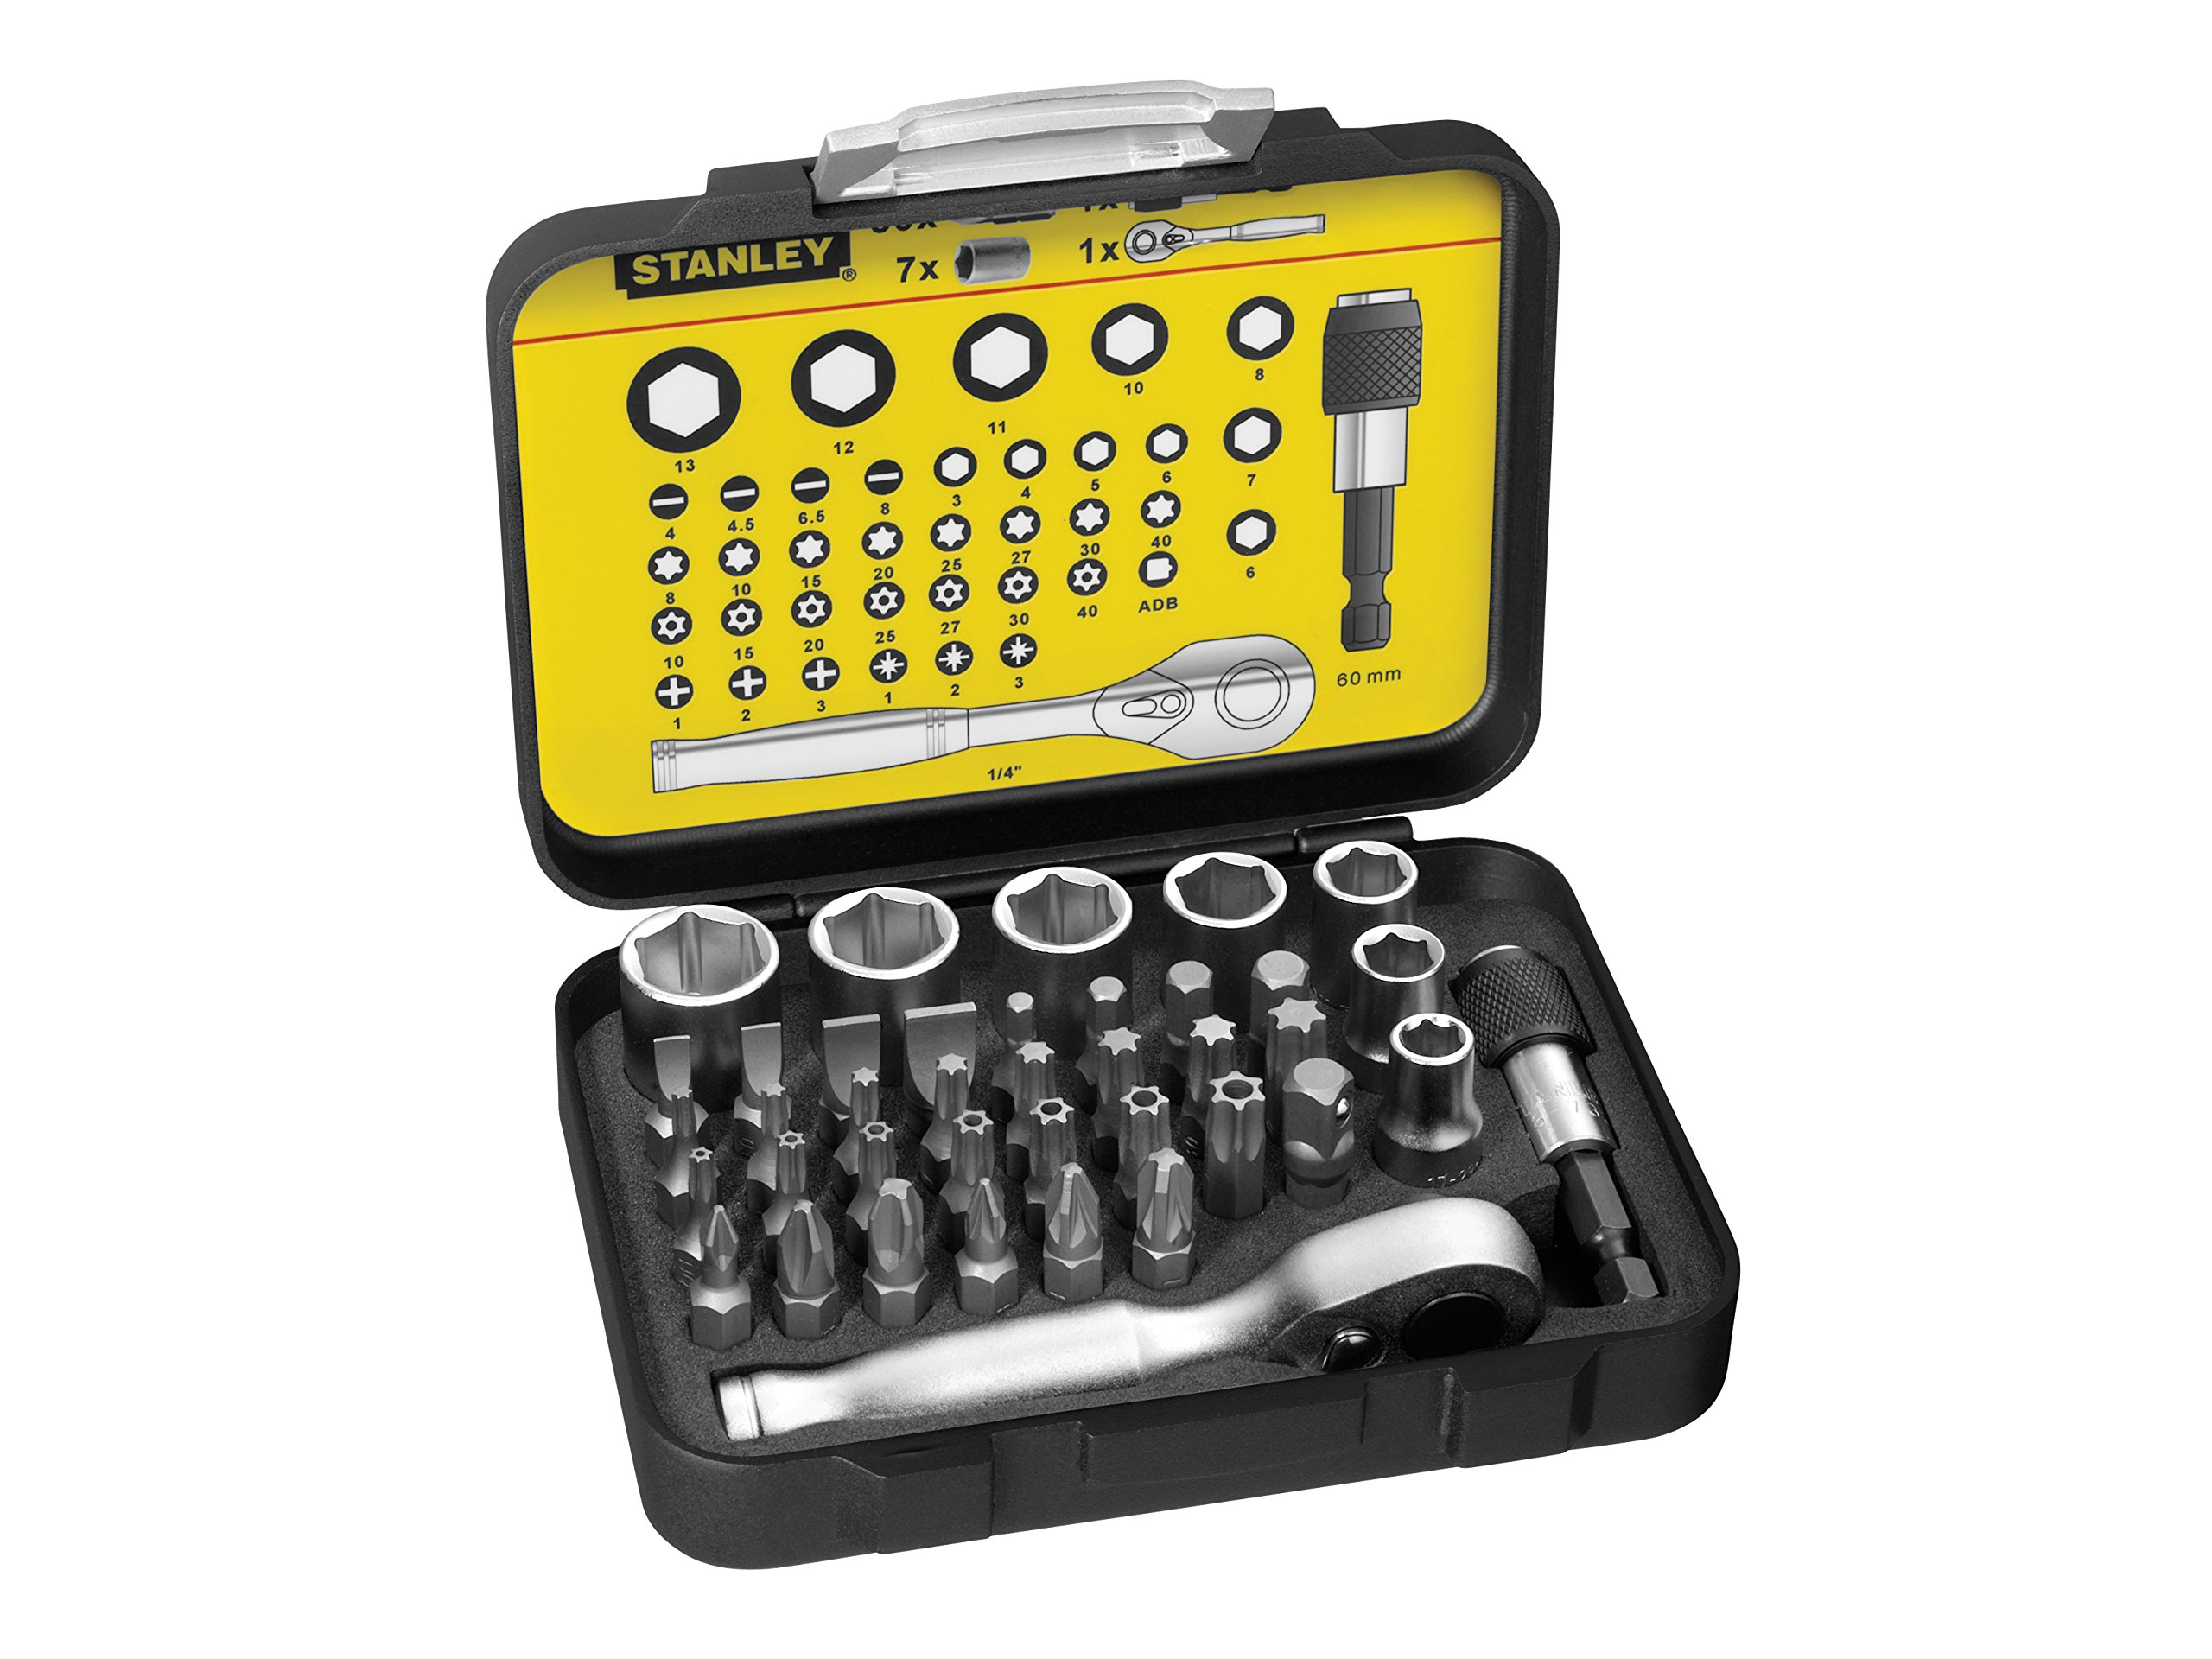 810FSt8epbL - STANLEY 1-13-906 - Juego 39 piezas, incluye puntas 1/4'', llaves de vaso y mini llave con carraca 1/4''